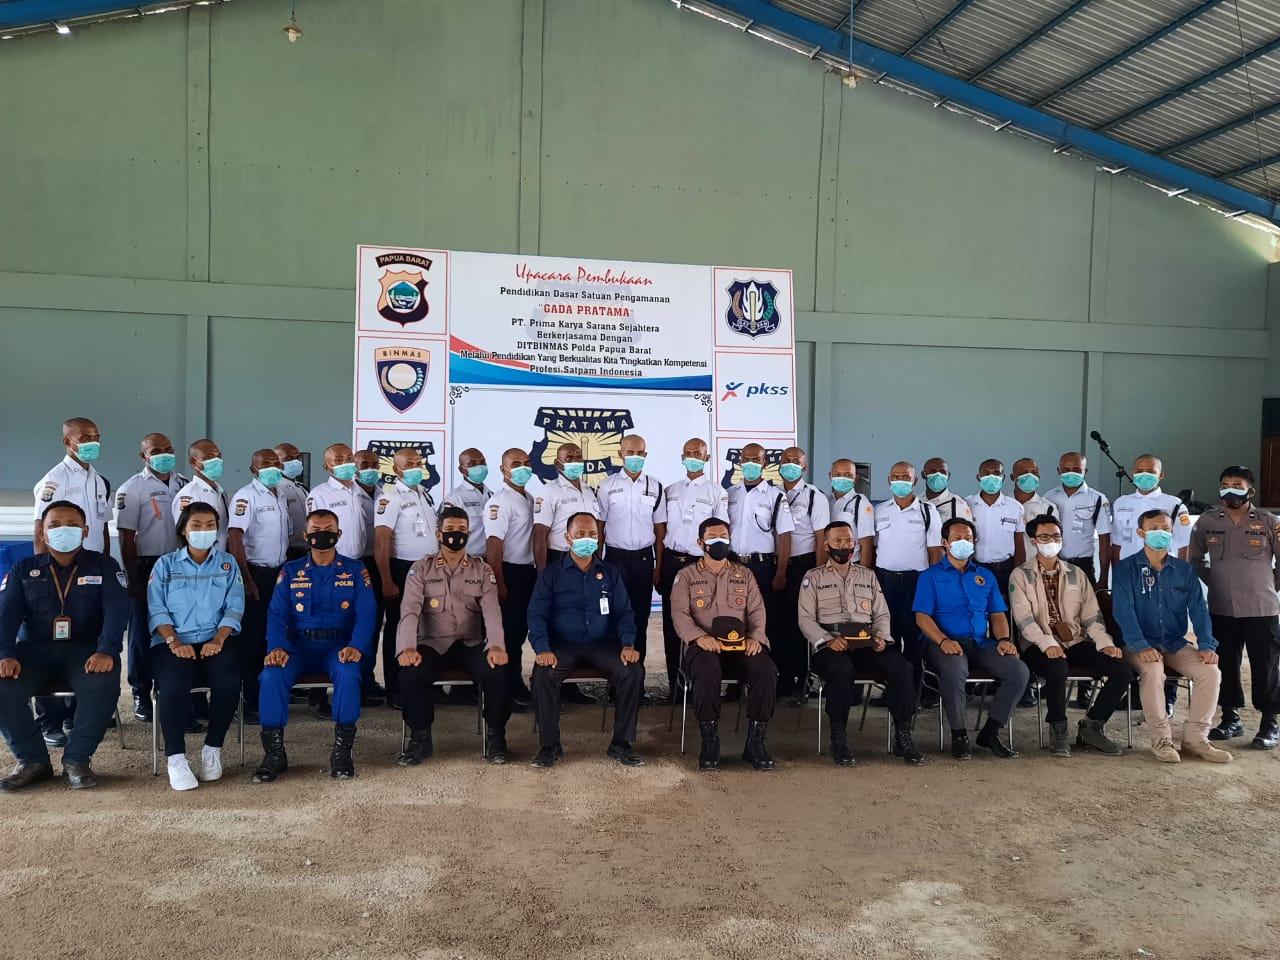 Kapolres Sorong Hadiri Pembukaan Pendidikan Dasar (Diksar) satpam Gada PratamaAngkatan 20 tahun 2021